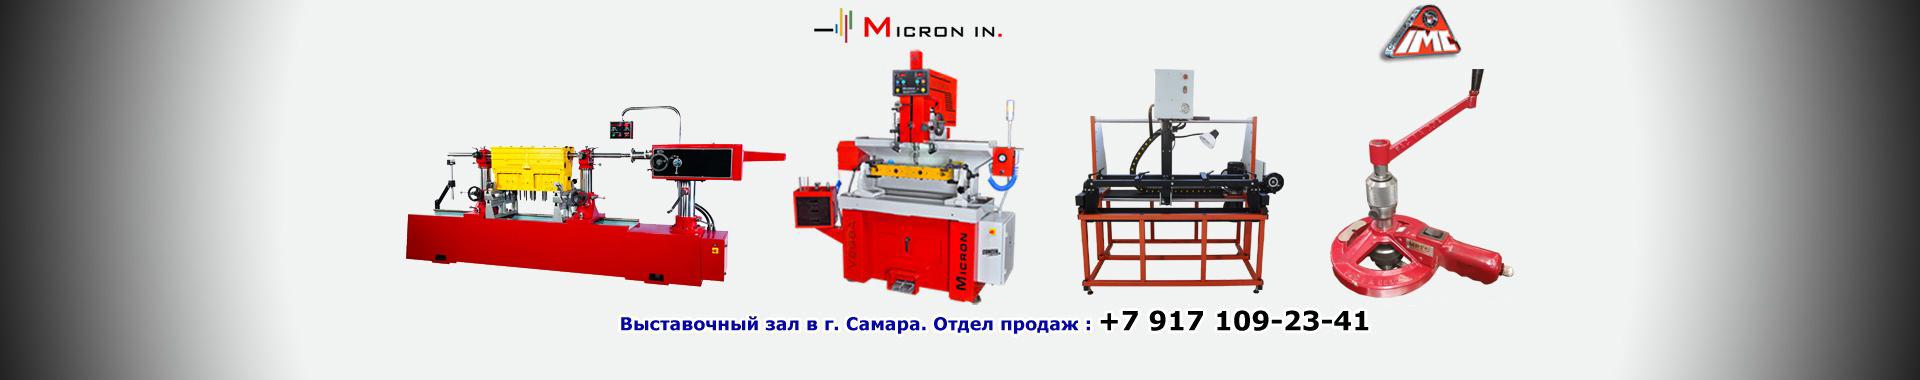 Станки для ремонта седел клапанов Micronin